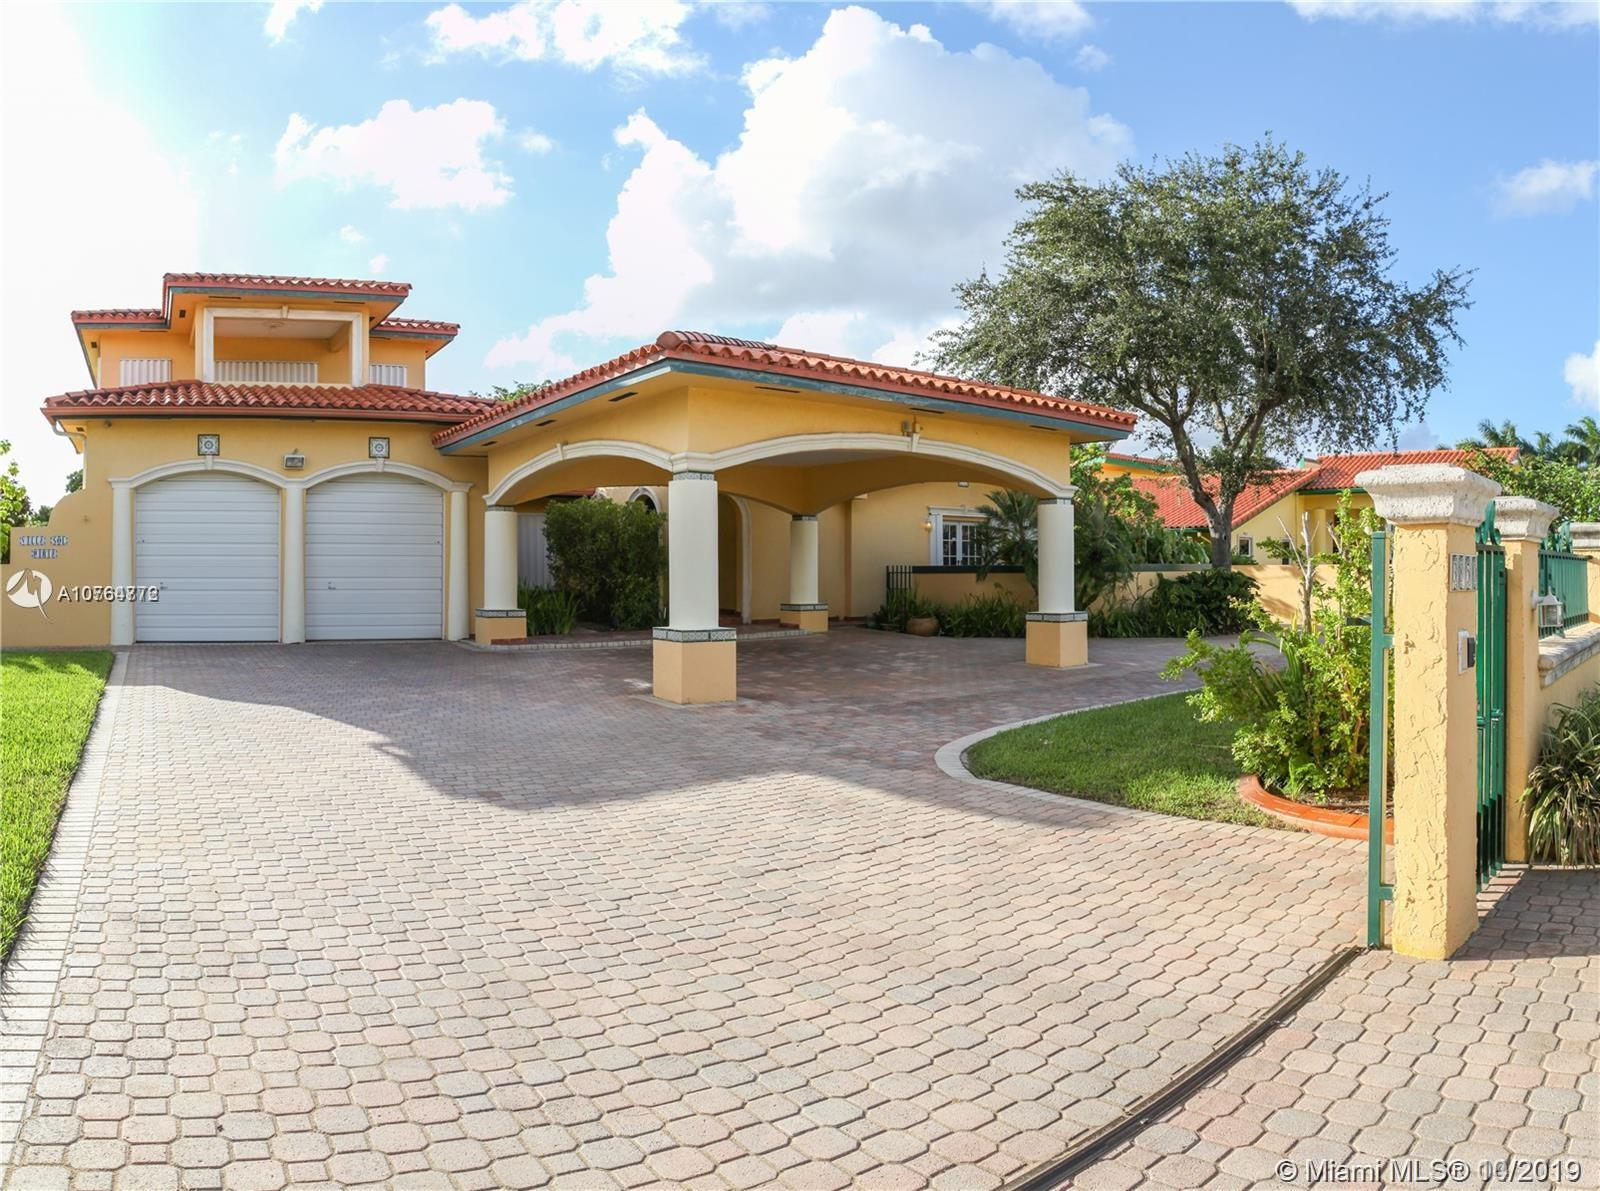 3850 SW 129th Ave, Miami, FL 33175